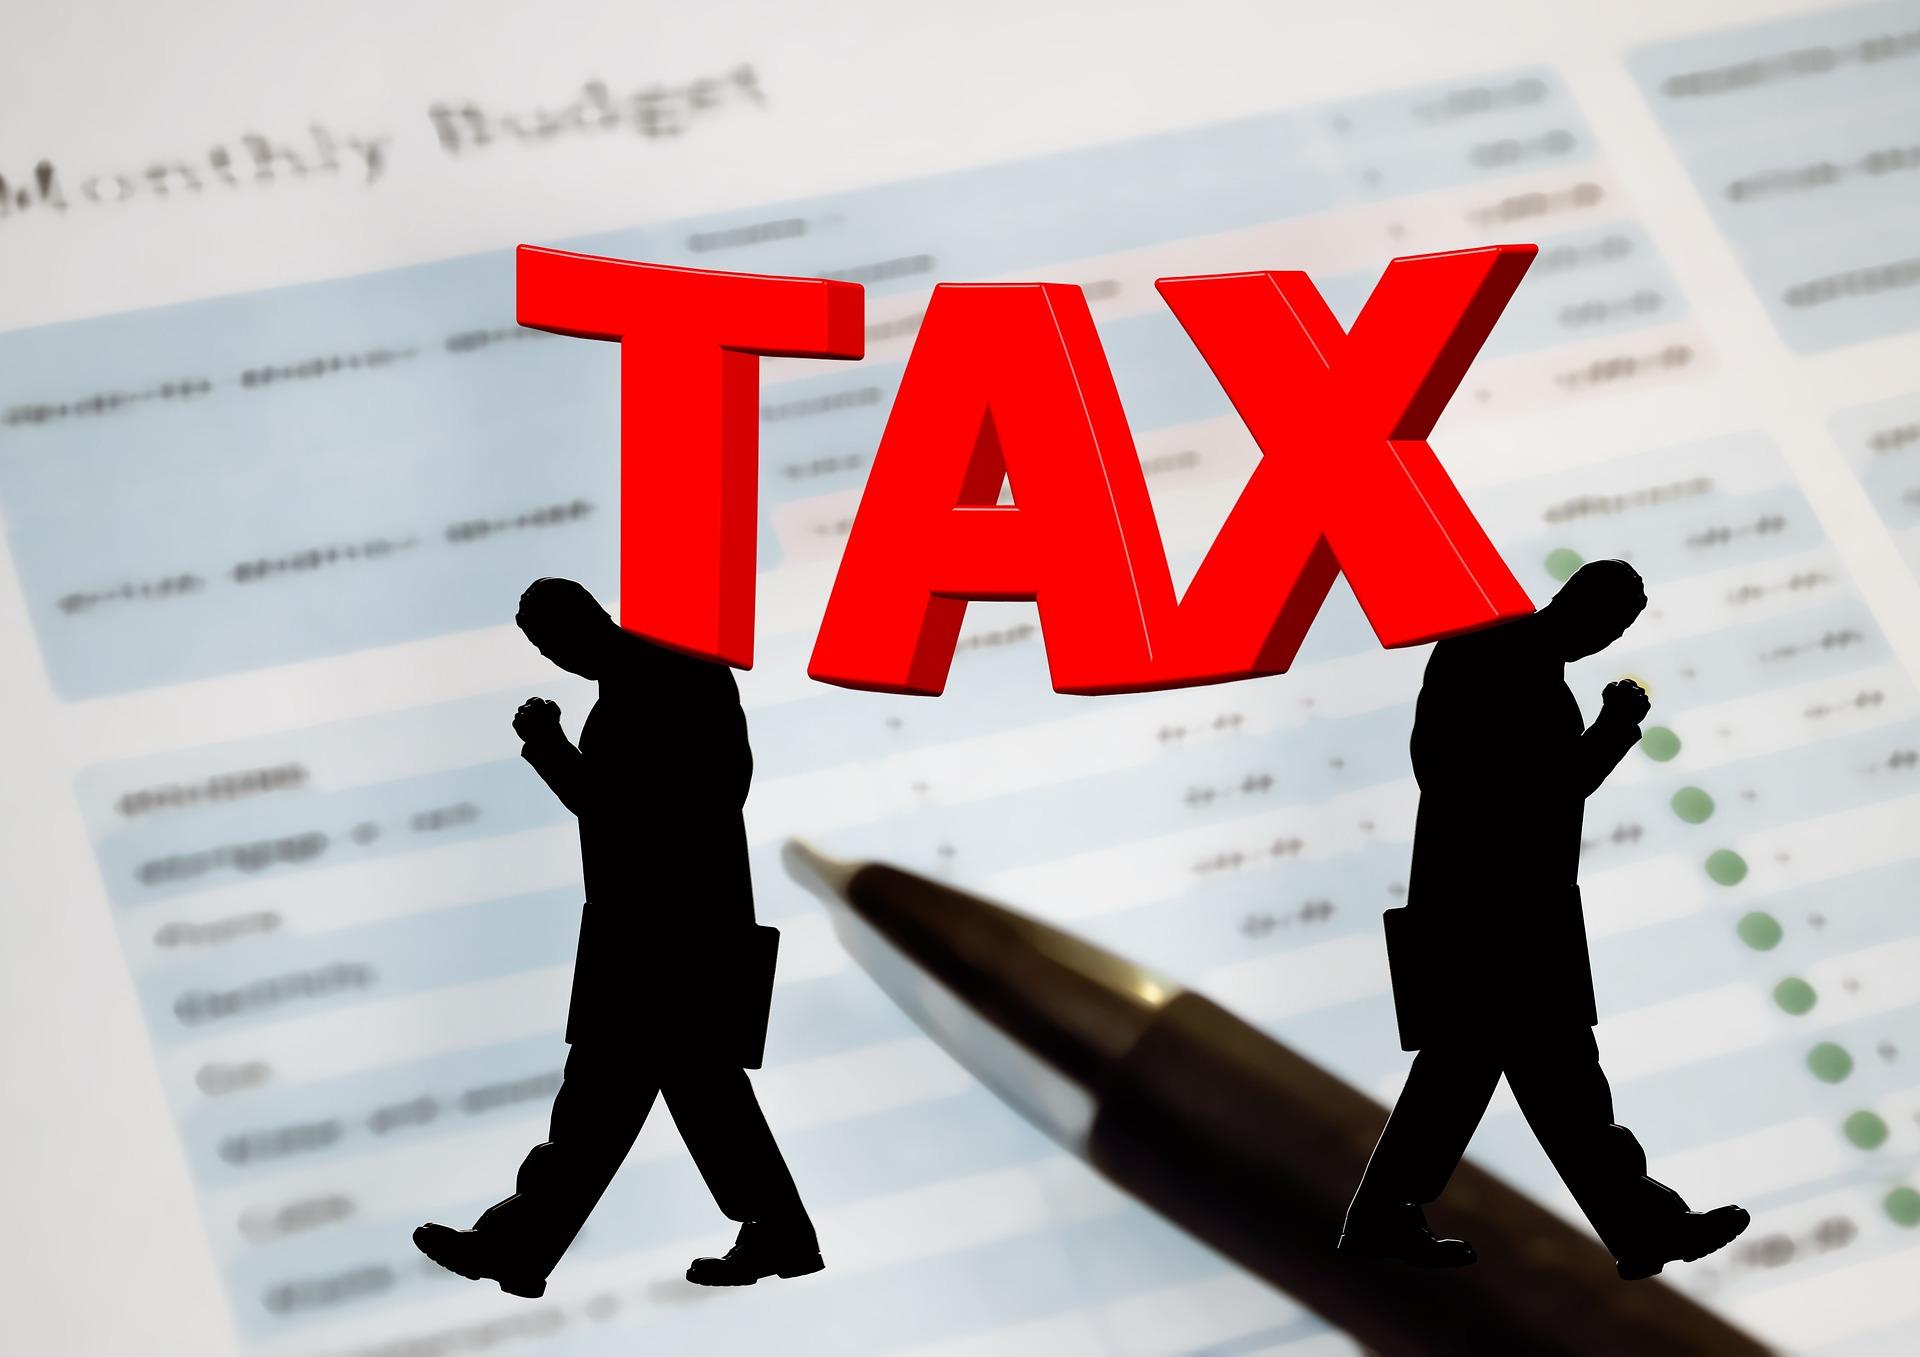 税理士が教える税金講座!【第1回】フリーランス(個人事業主)とサラリーマンの税務上の違いや手取り金額比較について